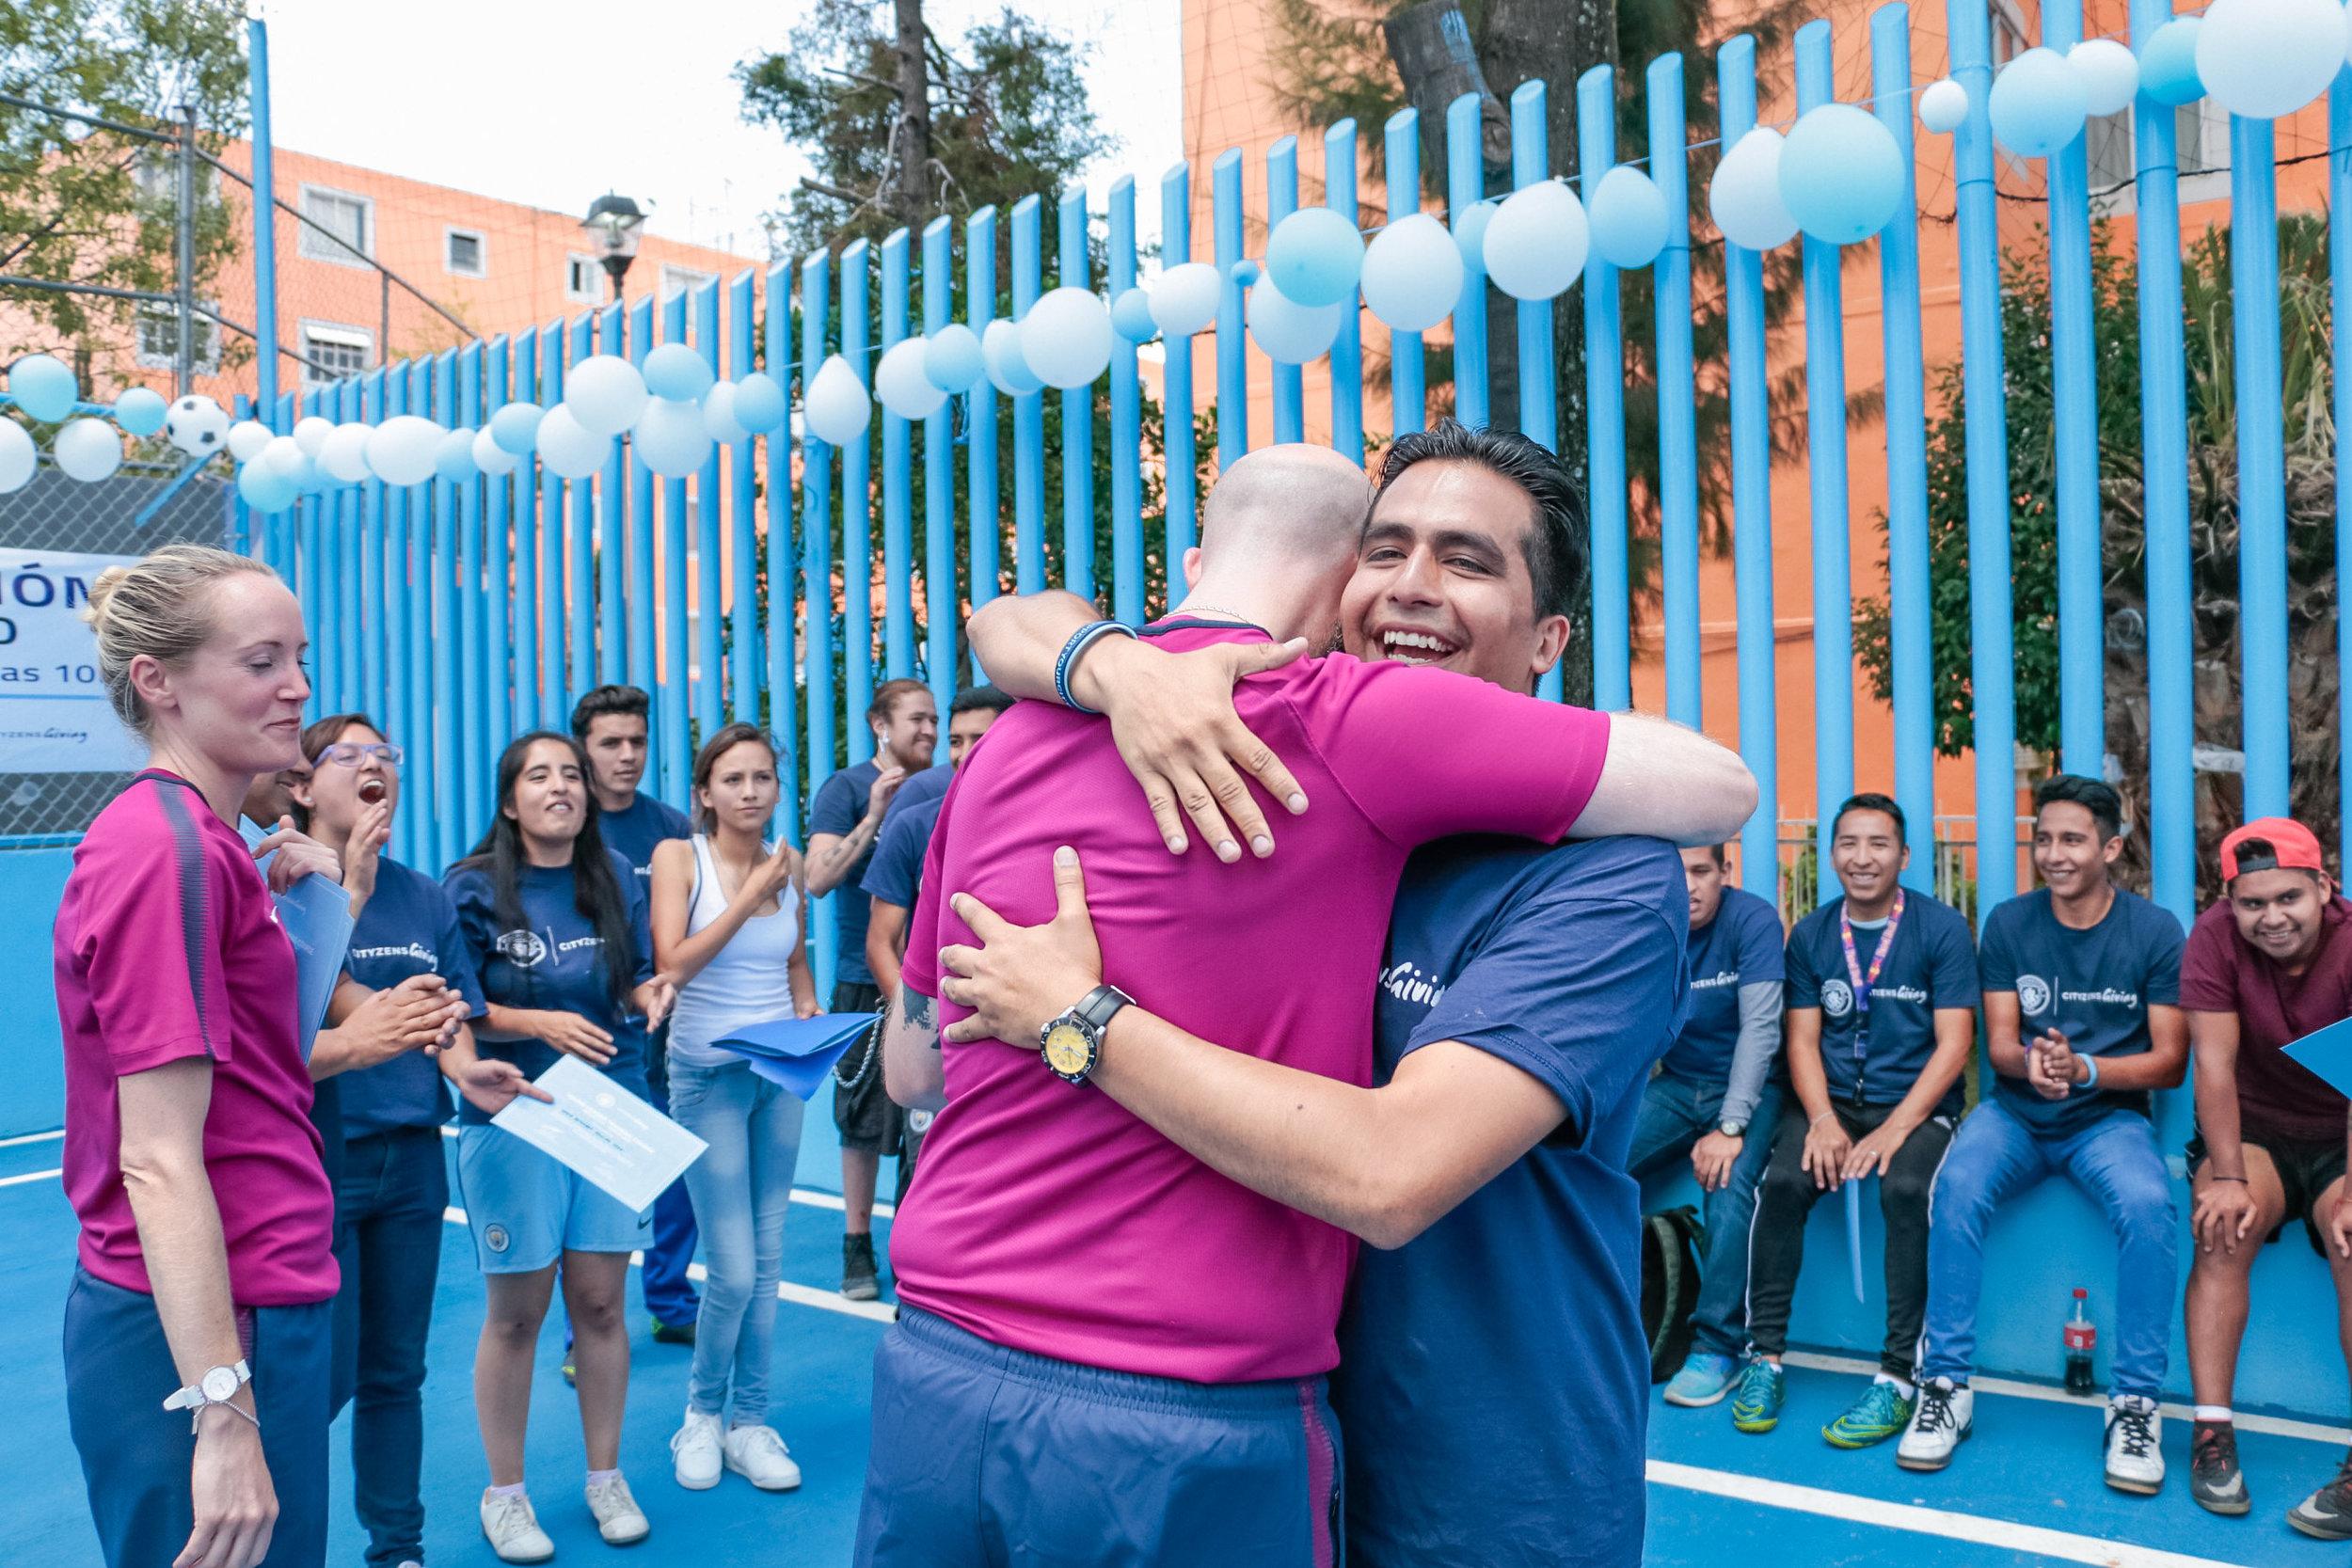 Esteban comemorando a conclusão da Capacitação para Jovens Líderes no #ProjetoElCoyolito, em agosto de 2017.